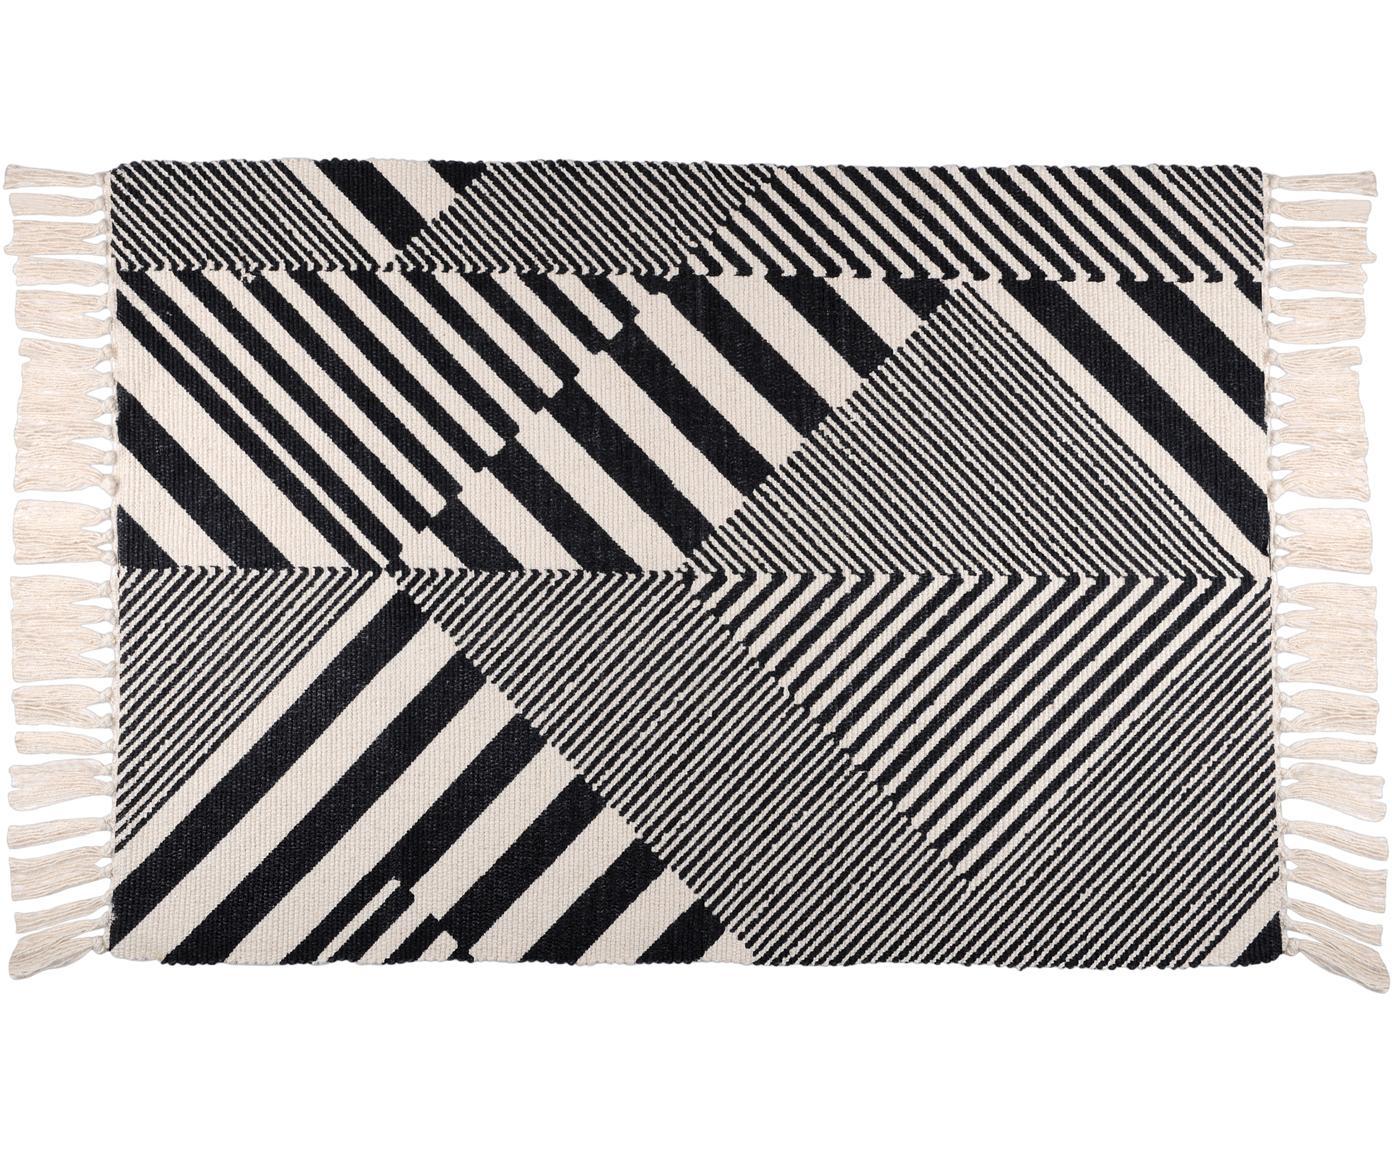 Baumwollteppich Beely mit grafischem Muster in Schwarz/Weiss, 100% Baumwolle, Schwarz, Gebrochenes Weiss, B 60 x L 90 cm (Grösse XXS)